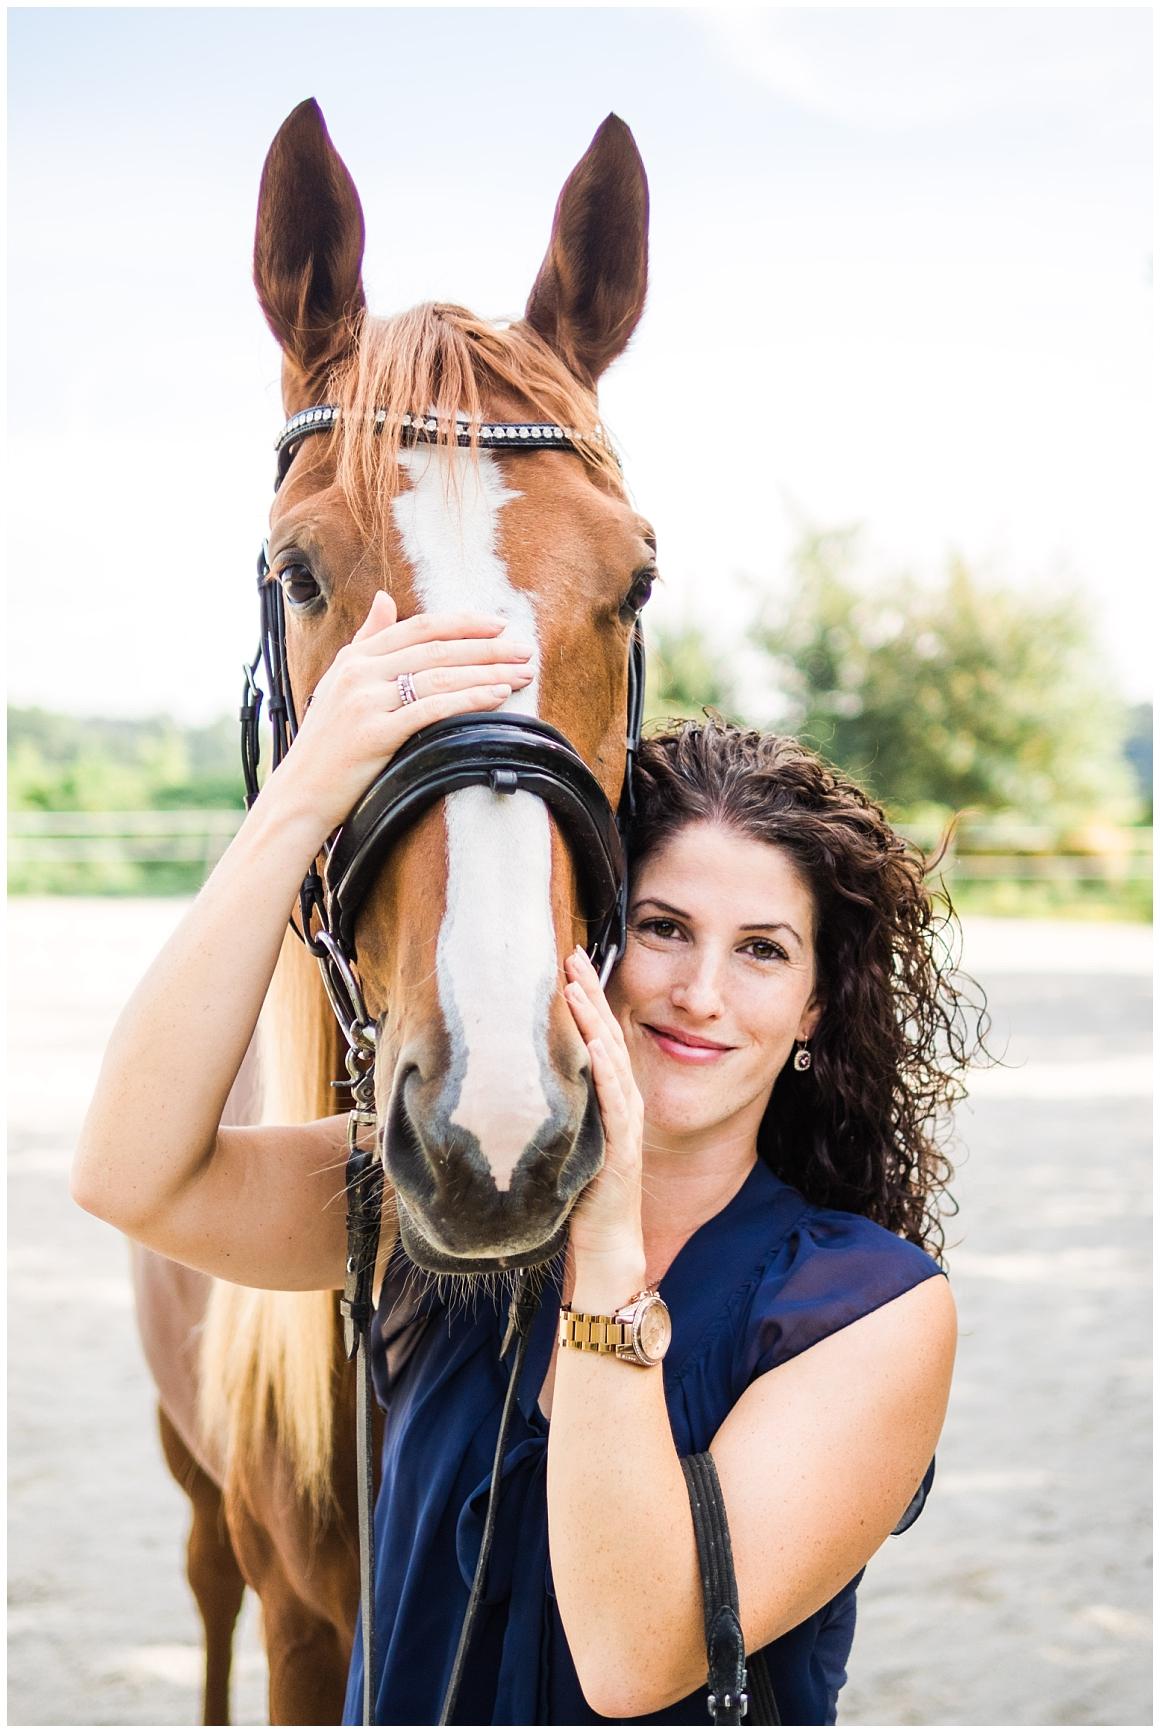 portraitfotos-mit-pferd-pferdefotograf-münchen-rosenheim-natürliche-fotos-katrin-kind-photography_0010.jpg